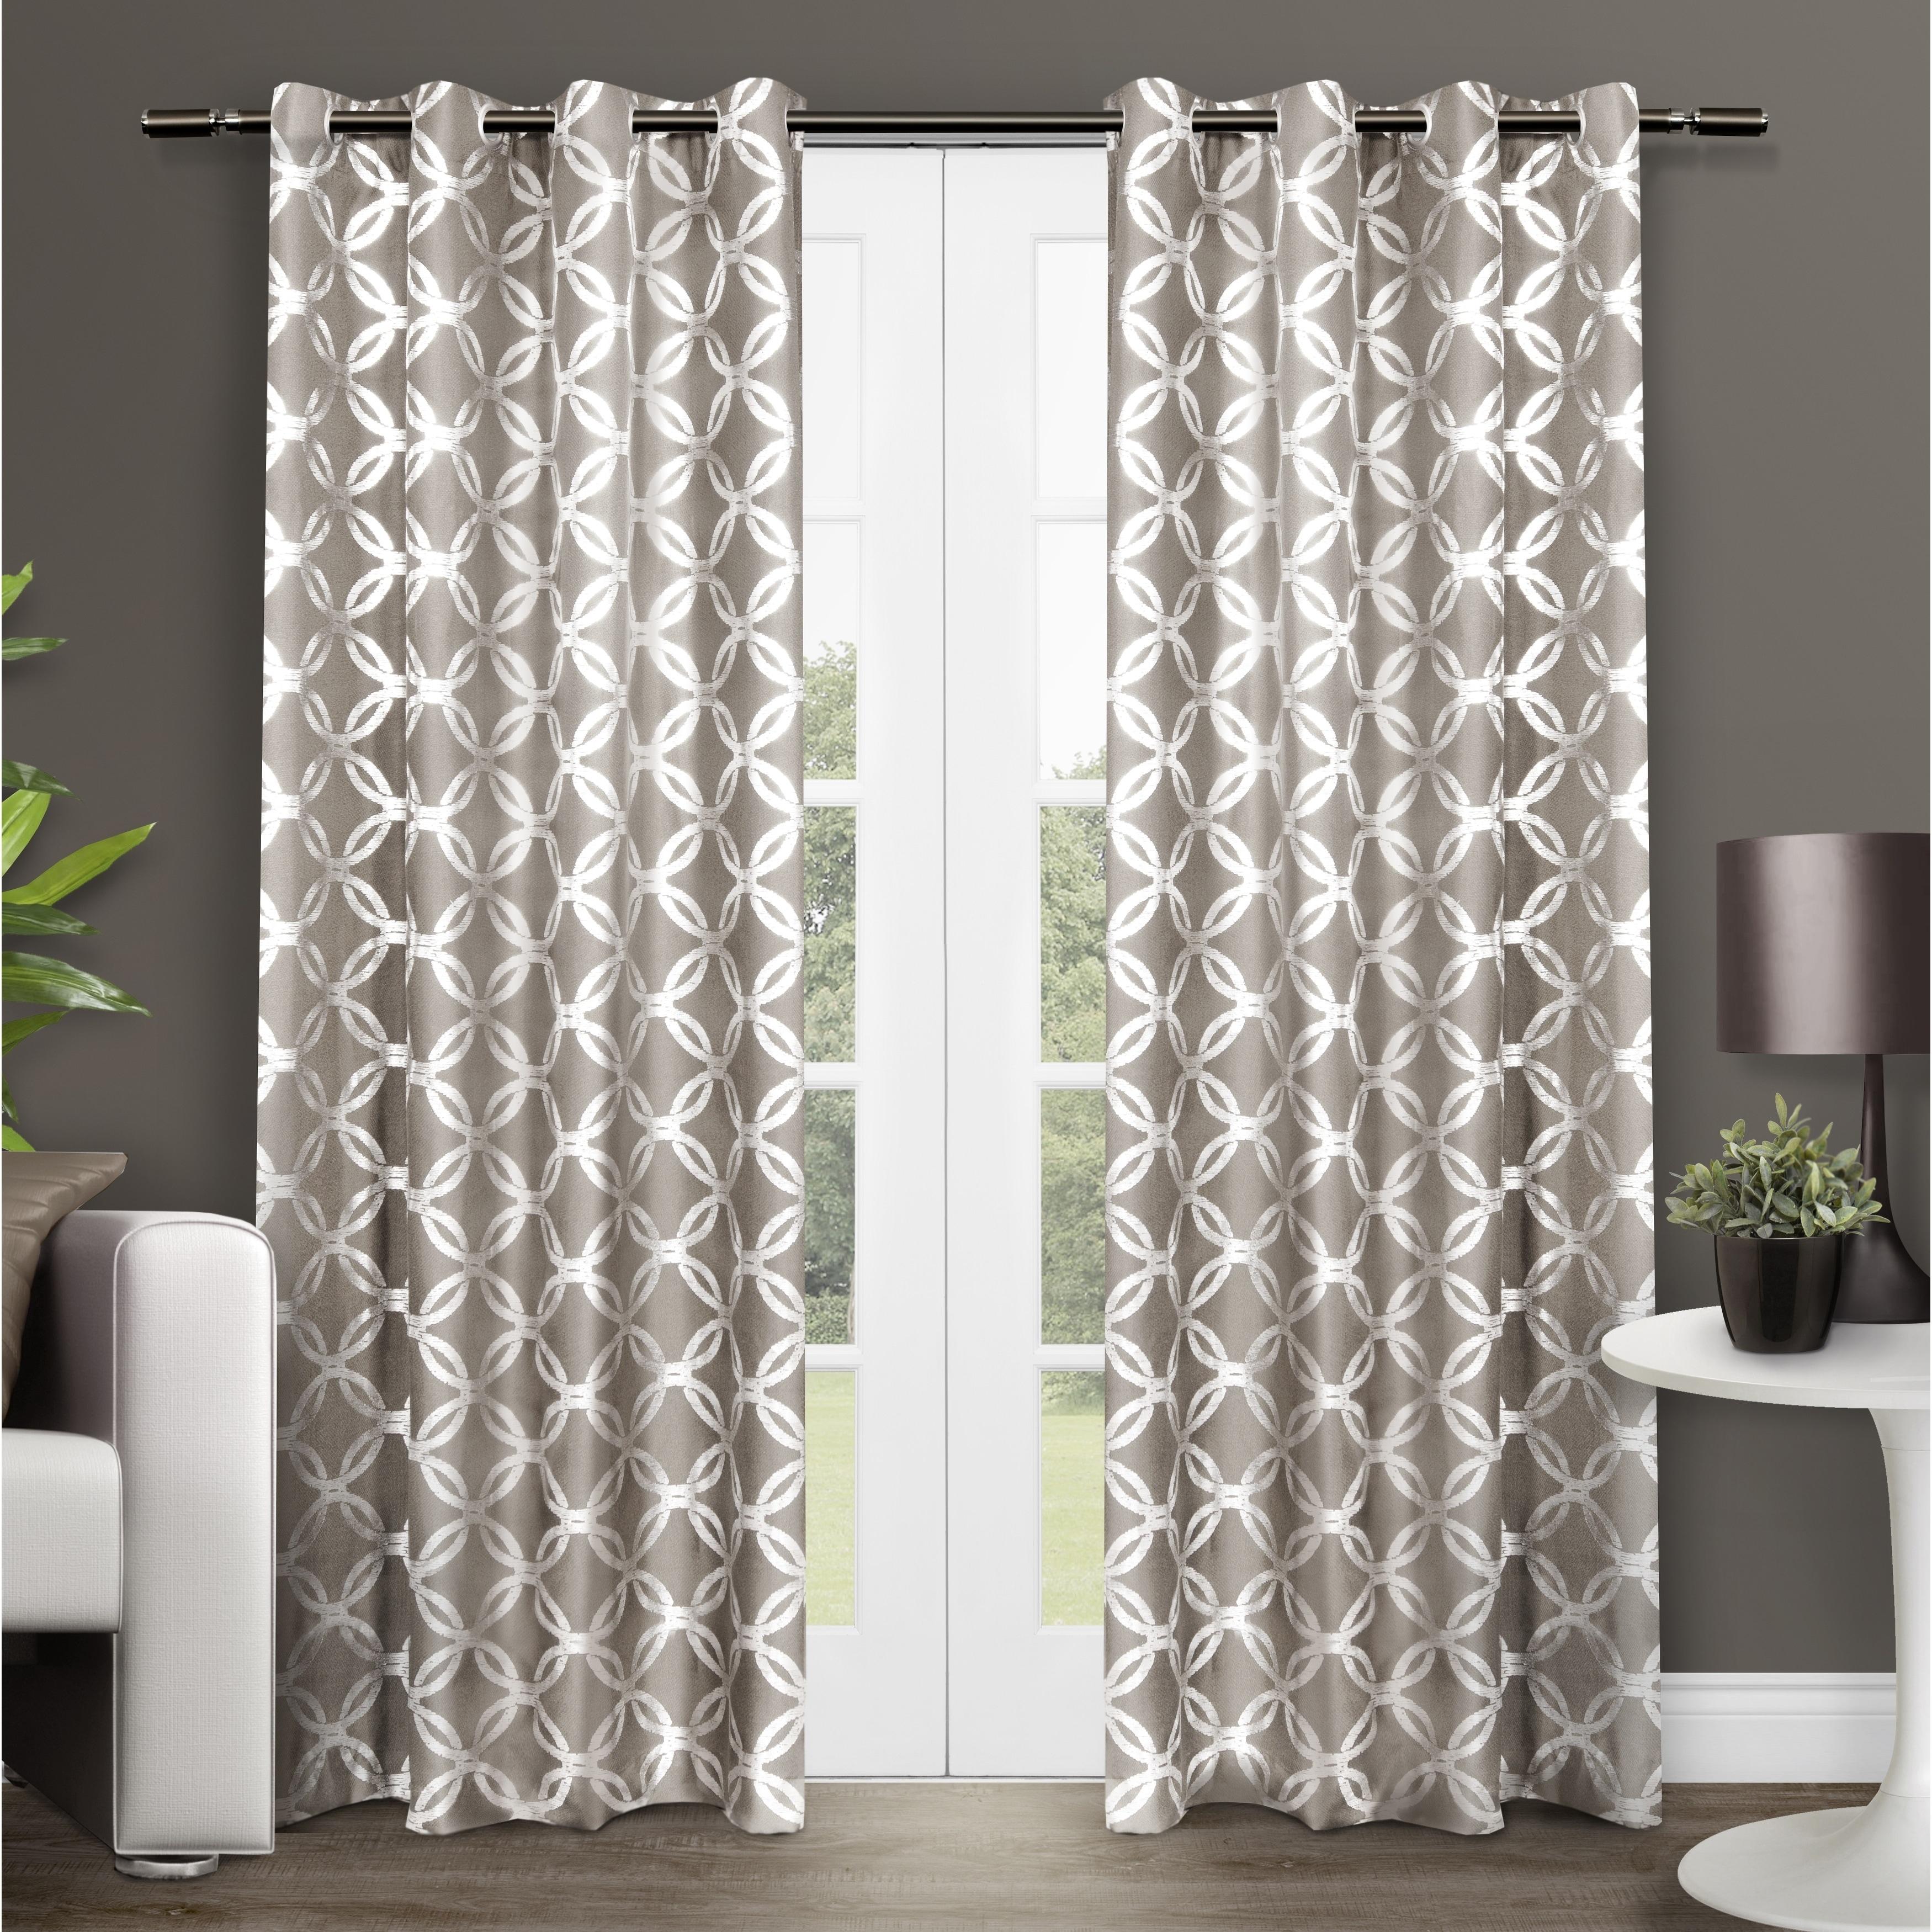 Ati Home Modo Metallic (grey) Geometric Curtain Panel Pair Pertaining To Keyes Blackout Single Curtain Panels (View 4 of 20)